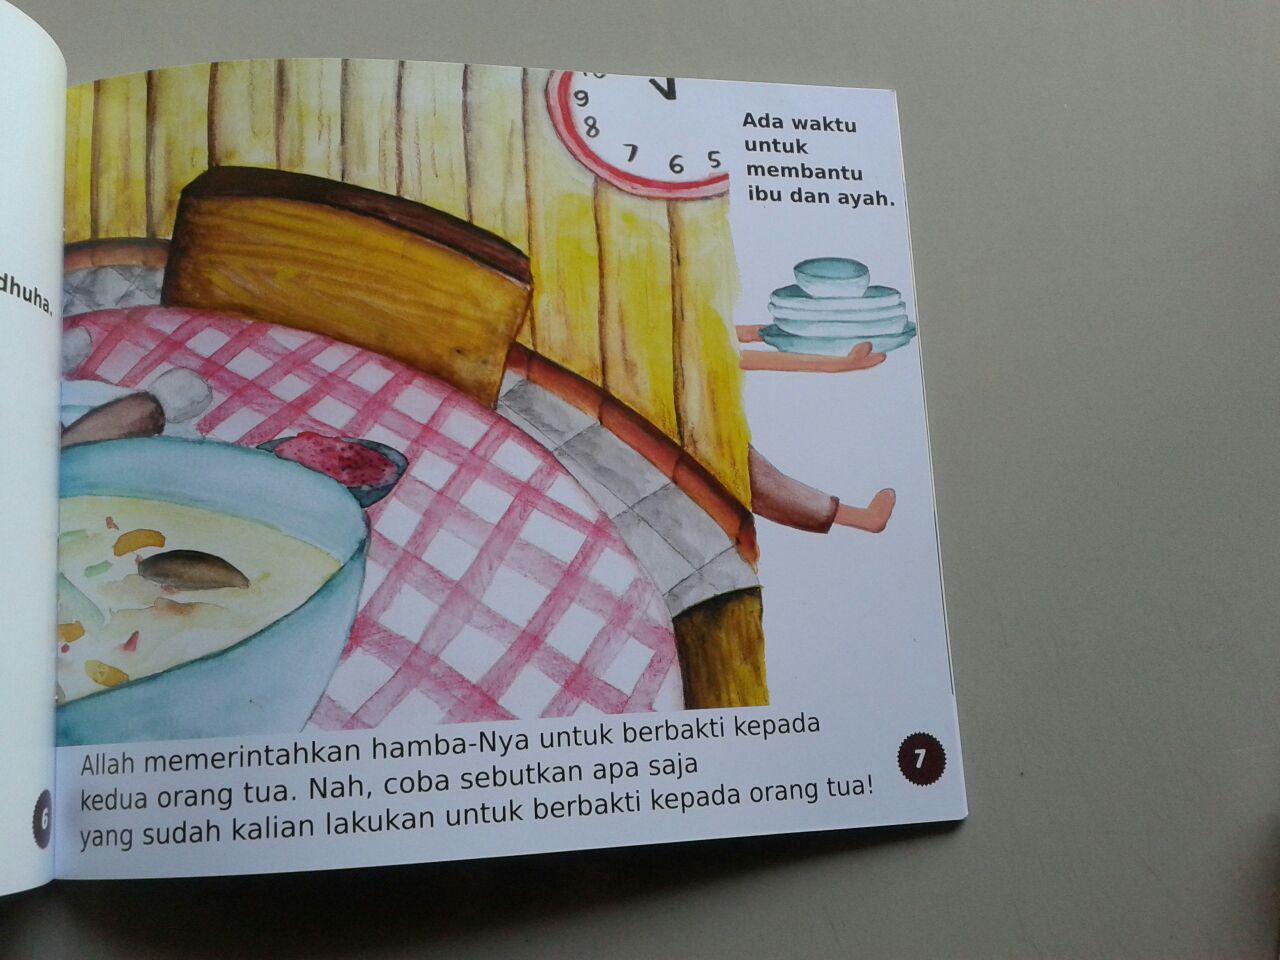 Buku Anak Atur Waktumu Dengan Baik isi